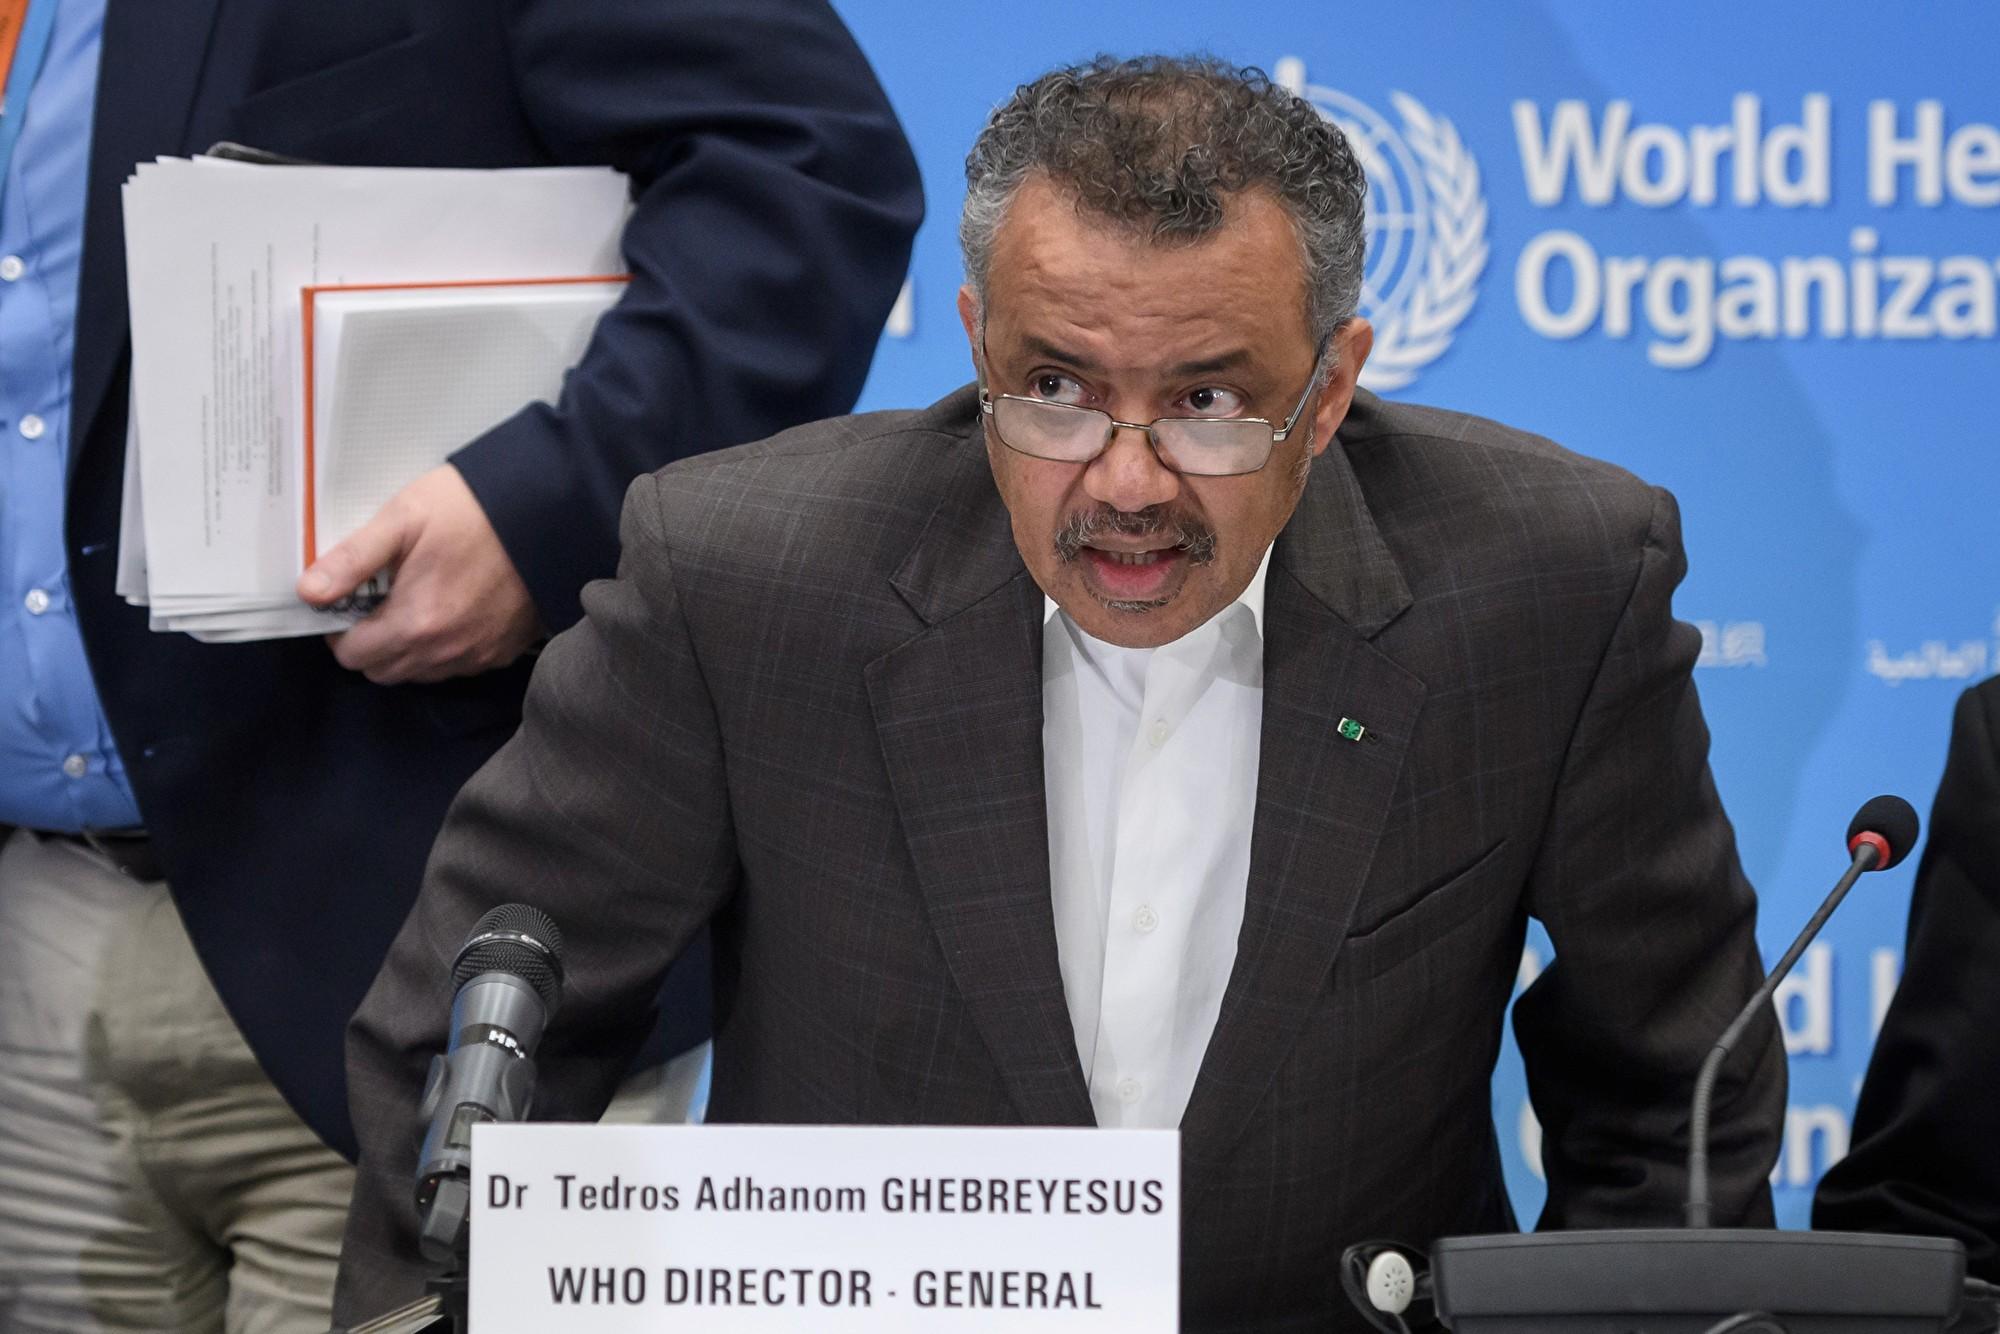 何清漣:中國掌控聯合國機構越多 世界越糜爛